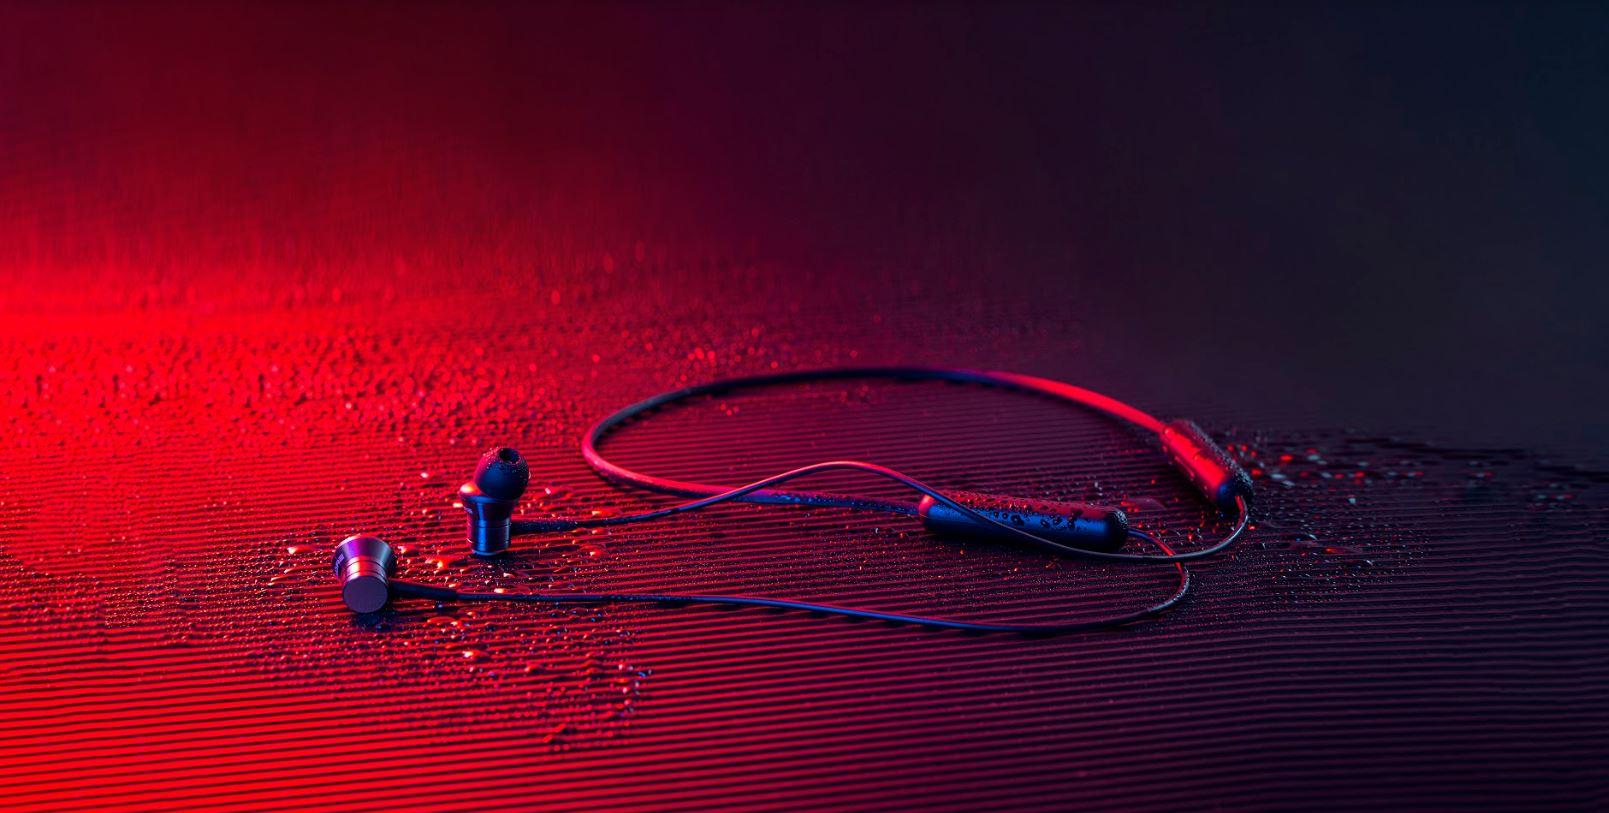 استاندارد IPX4 هدفون Piston Fit BT دارای استاندارد IPX4 میباشد.این استاندارد به آن معنا است که هدفون بیسیم پیستون فیت بلوتوثی در مقاومتی نسبی در مقابل آب و گرد و غبار دارد.